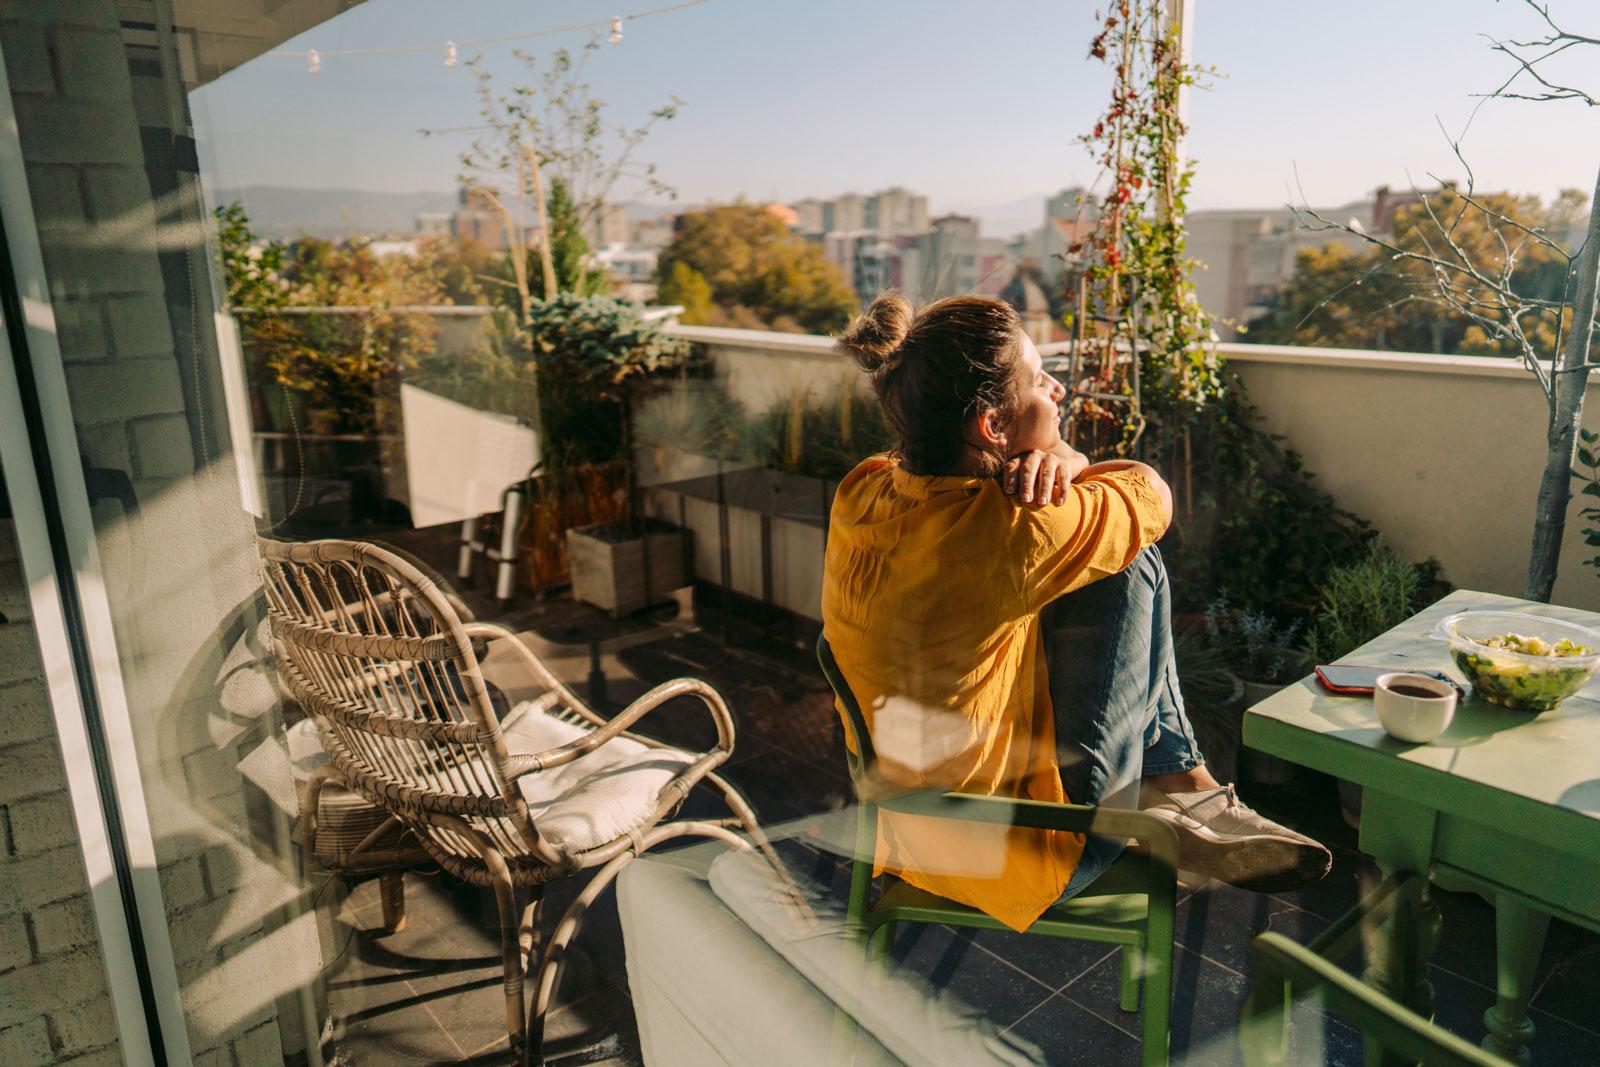 Antideressiva: Sonne und Natur erleben